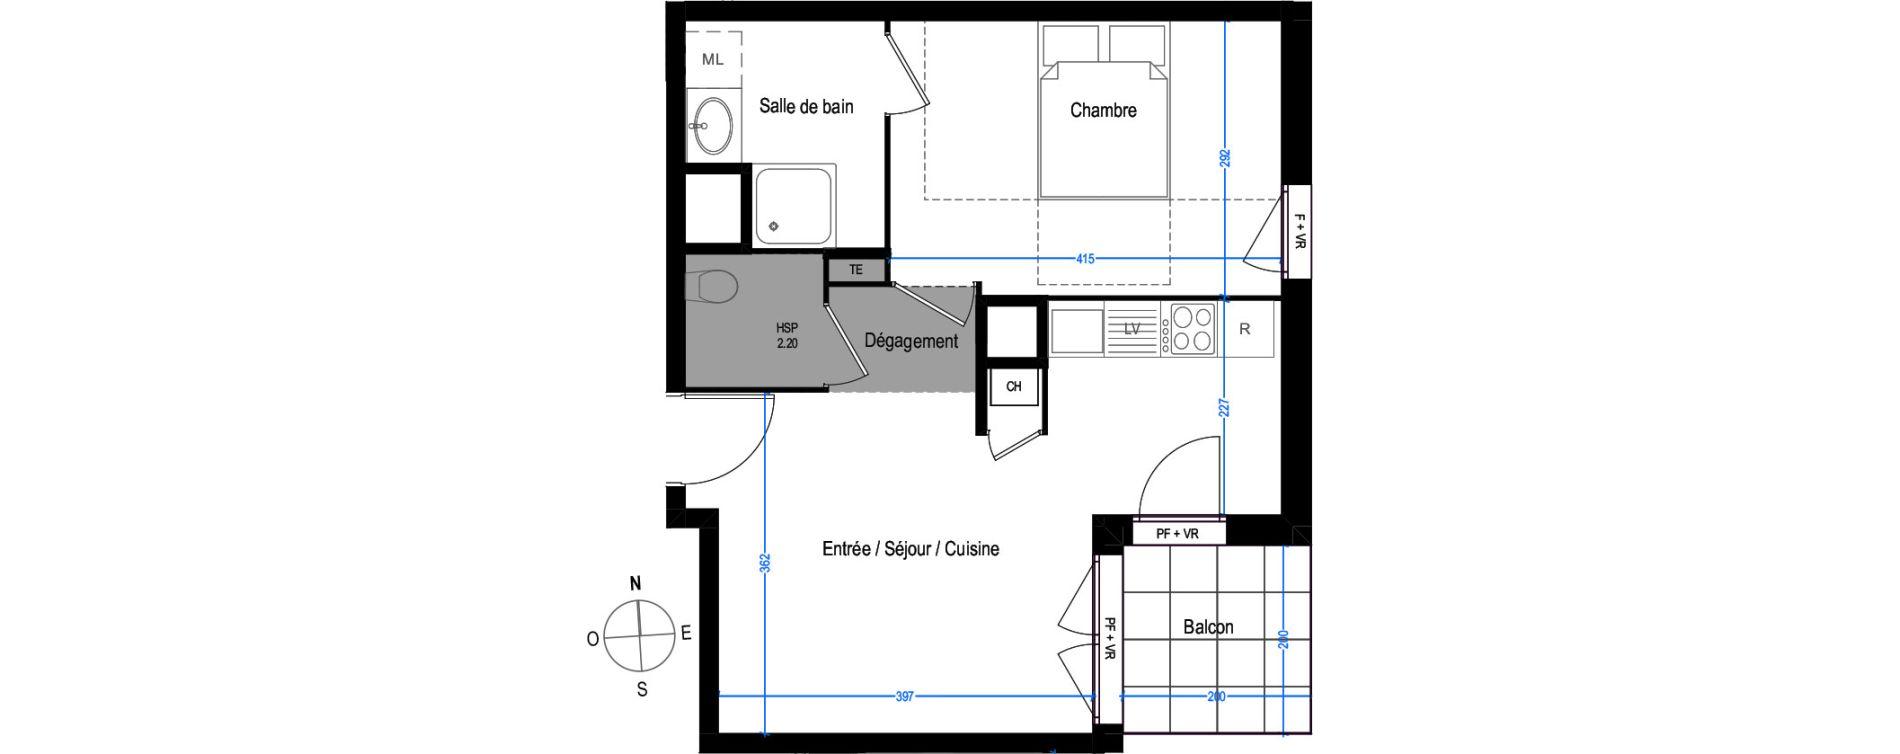 Appartement T2 de 40,41 m2 à Villeurbanne Buers - croix-luizet